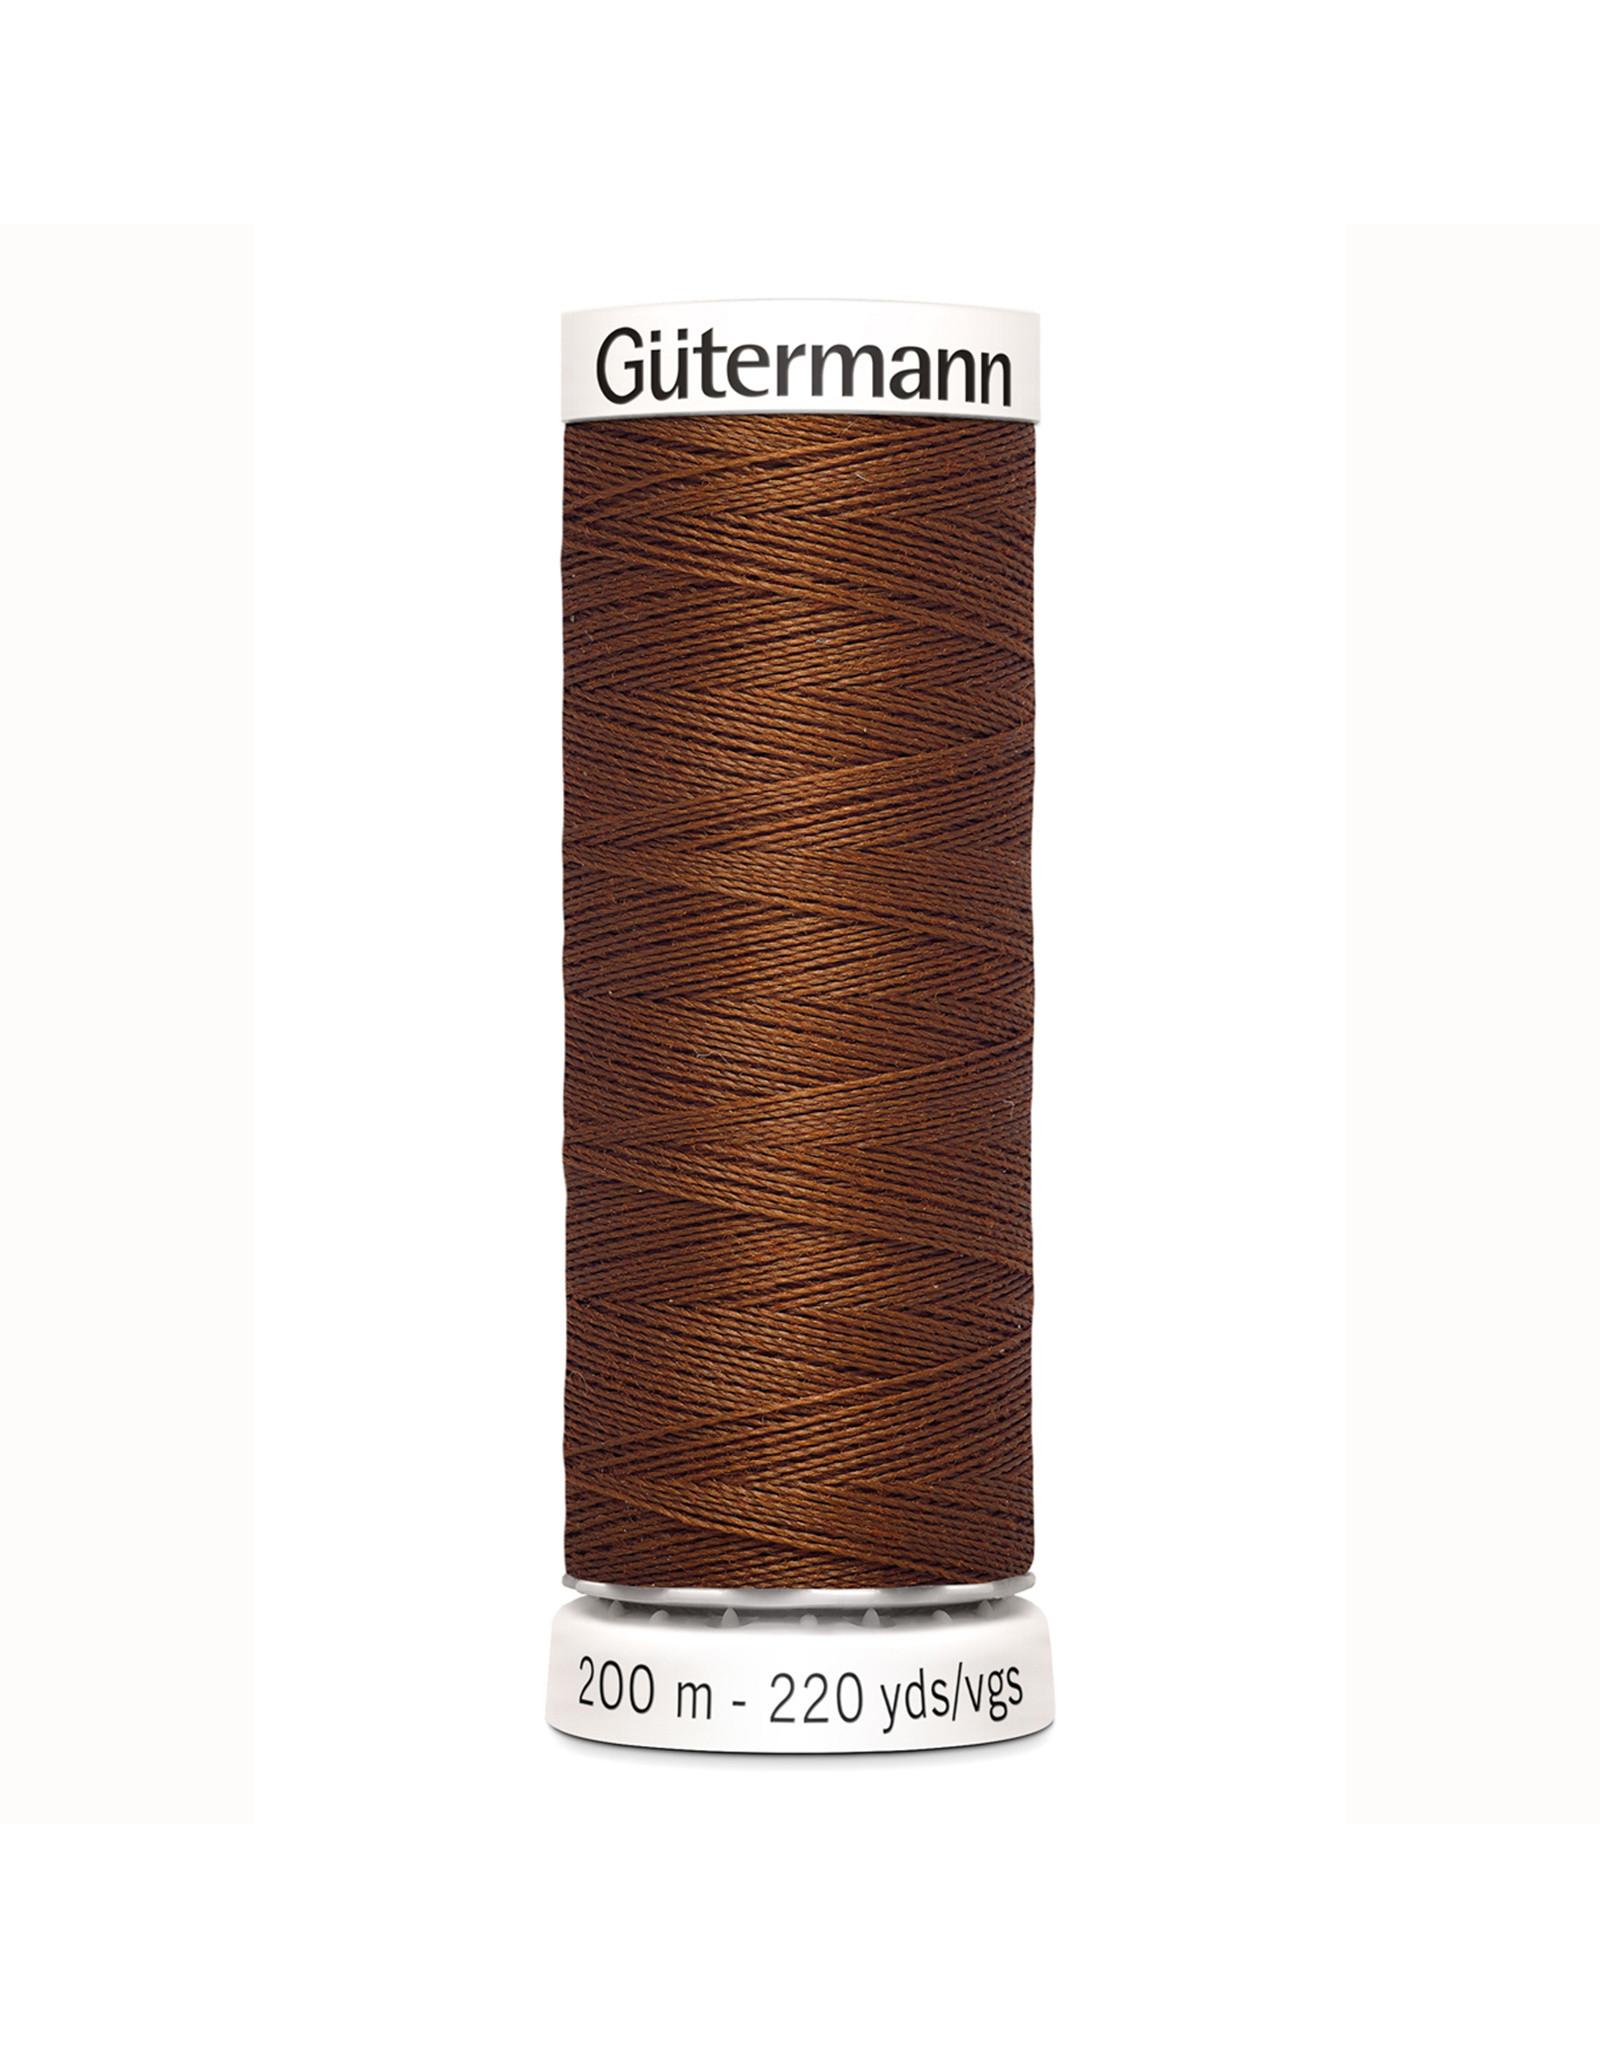 Gütermann Gütermann Sewing Thread 200 m - nr 650